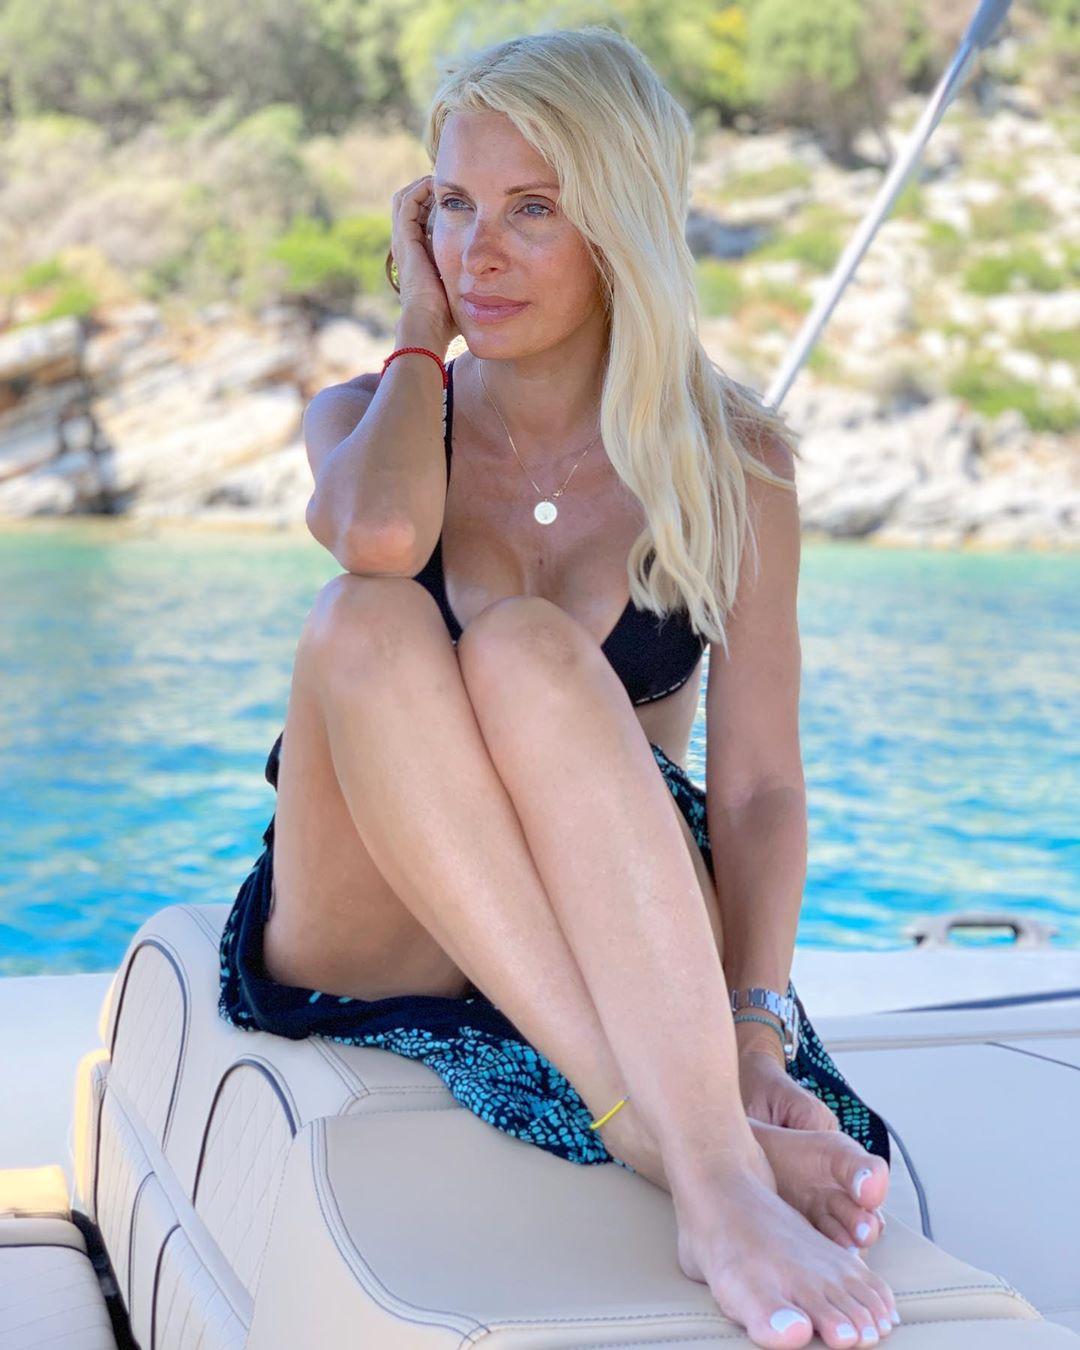 Ελένη Μενεγάκη: Μίνι απόδραση με το σκάφος στο Ιόνιο! Φωτογραφία